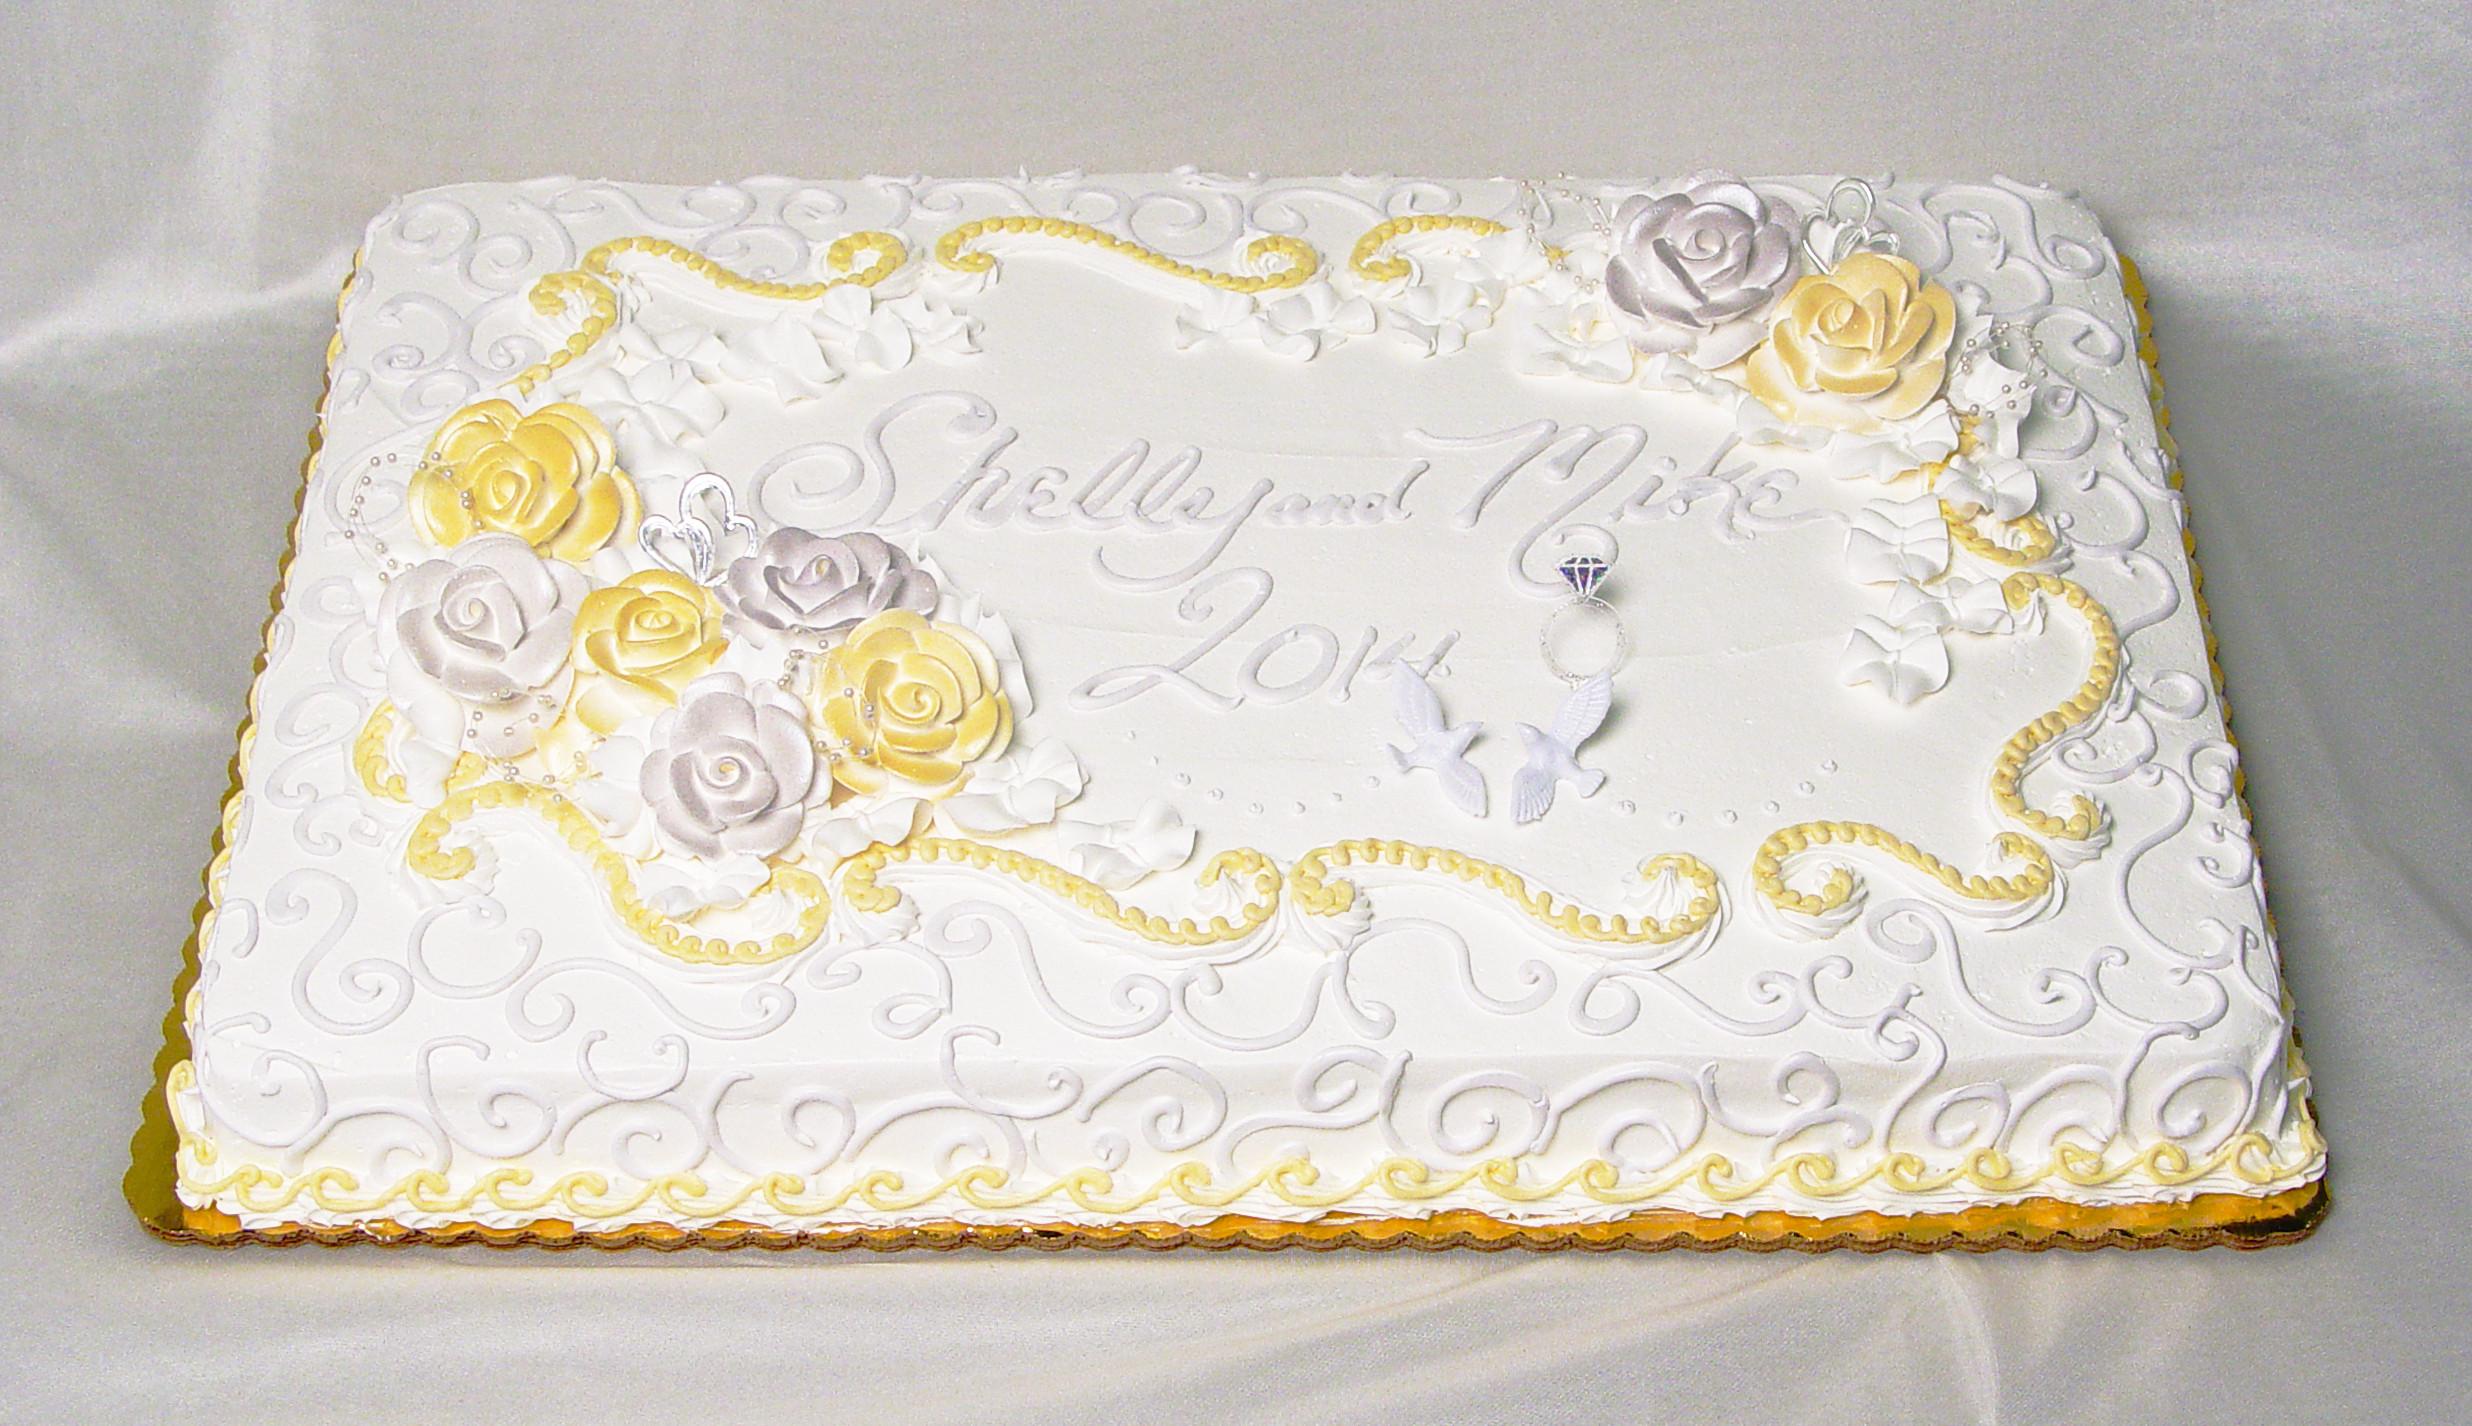 Sheet Cakes For Wedding  Wedding Cakes Cake Decorating